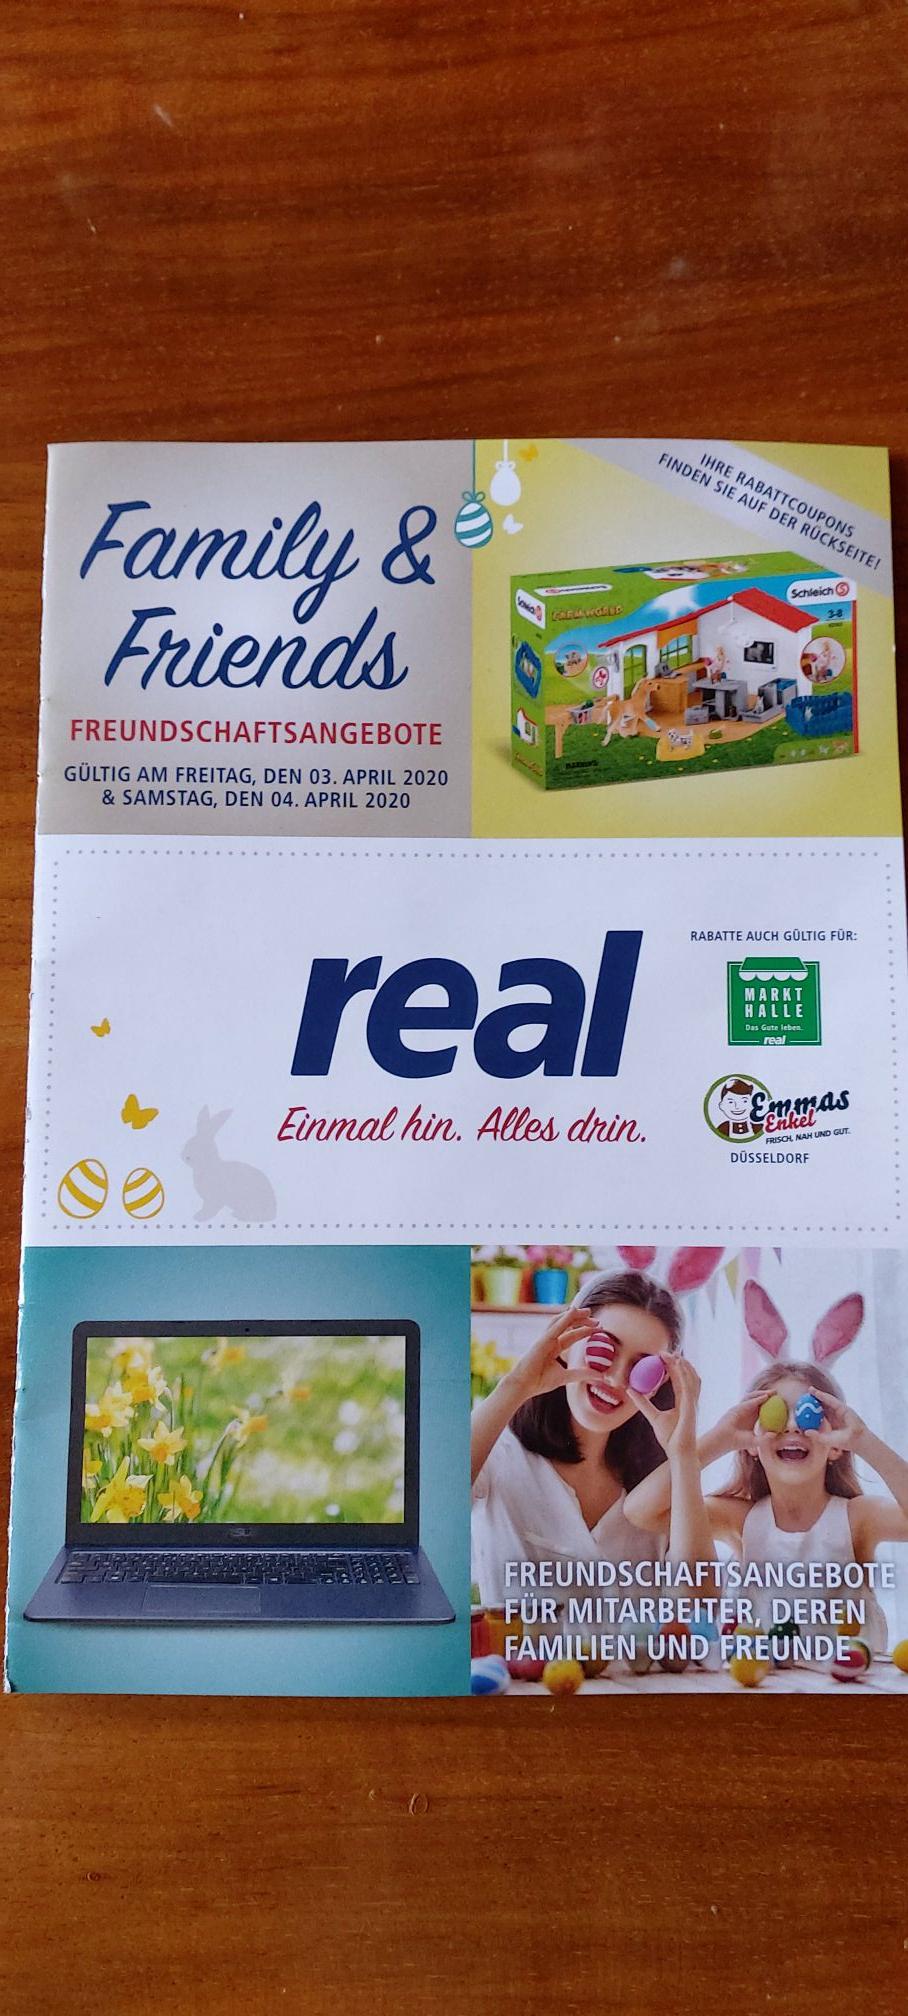 Real - Family & Friends 03.04.2020 und 04.04.2020 (19% Elektronik / 30% Spielwaren)